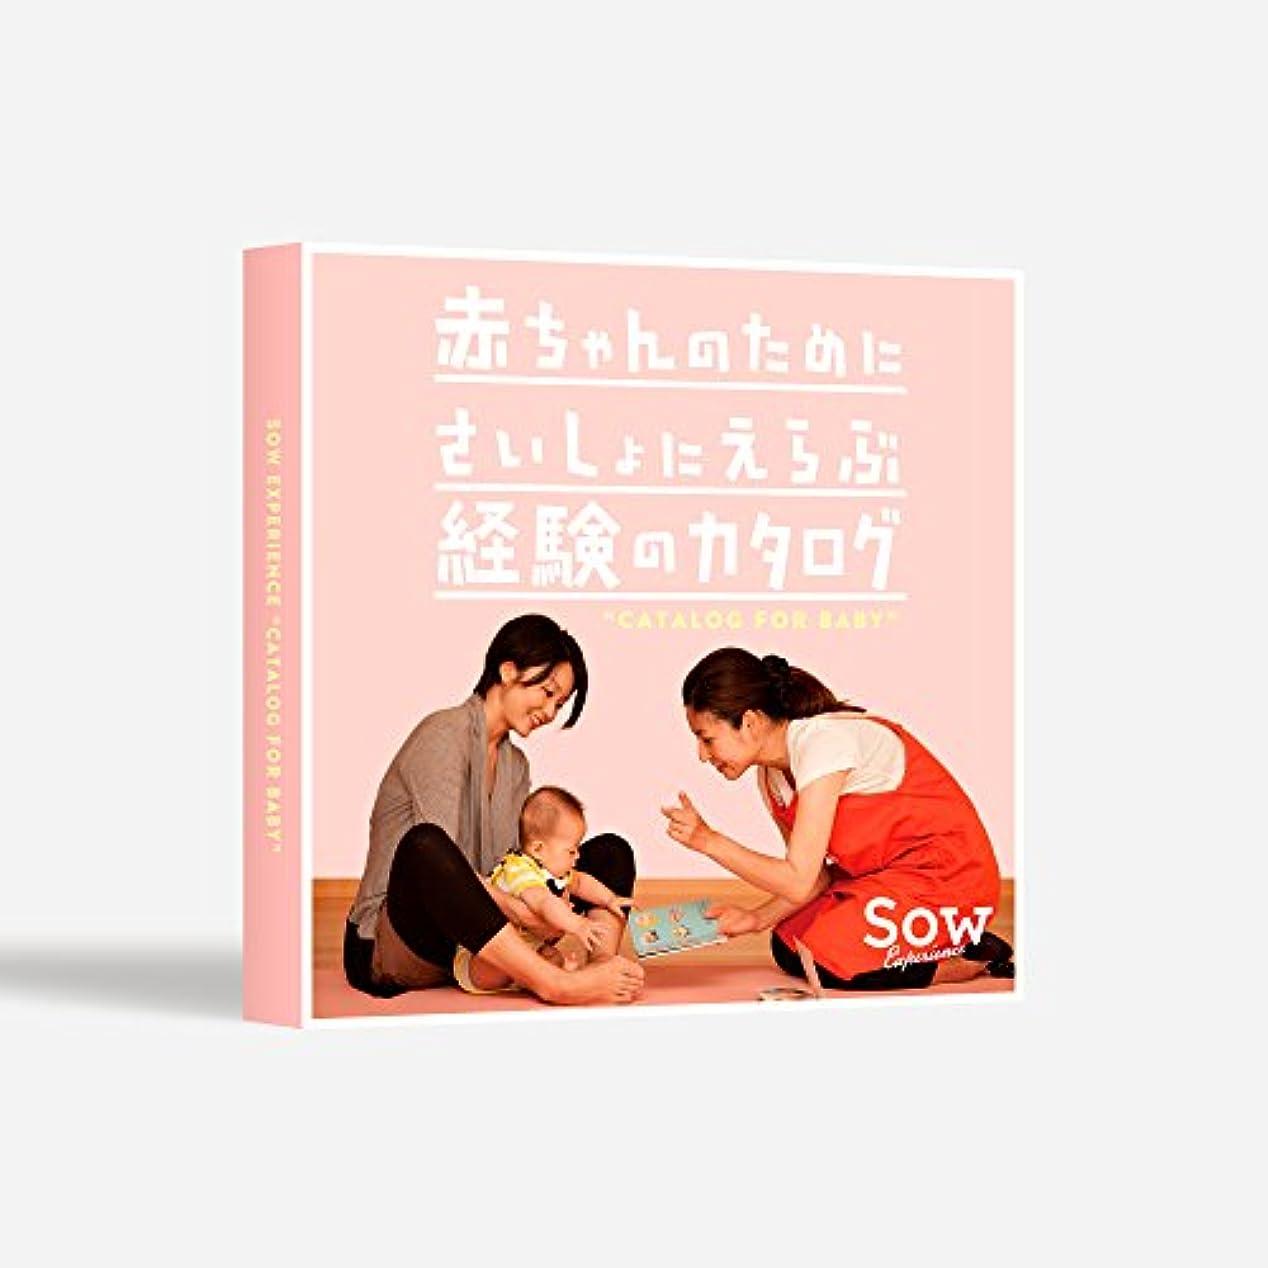 カスタムきらきら研究SOW EXPERIENCE(ソウ?エクスペリエンス) 出産祝い専用 体験型カタログギフト カタログ FOR BABY